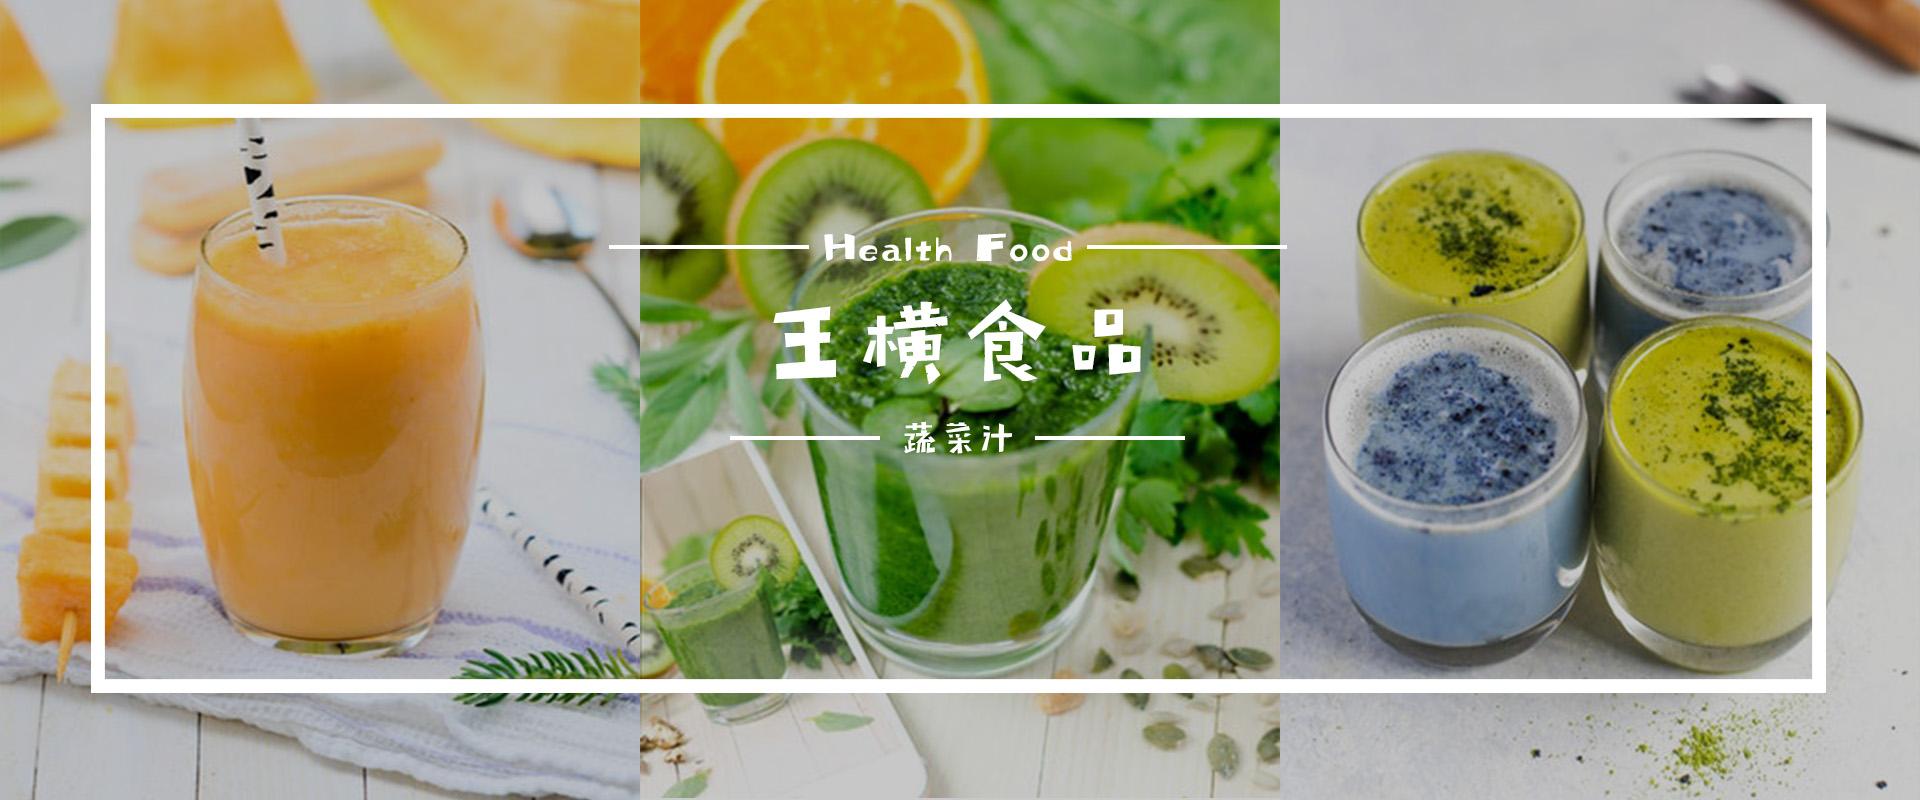 脱水蔬菜 五谷杂粮粉 果蔬粉